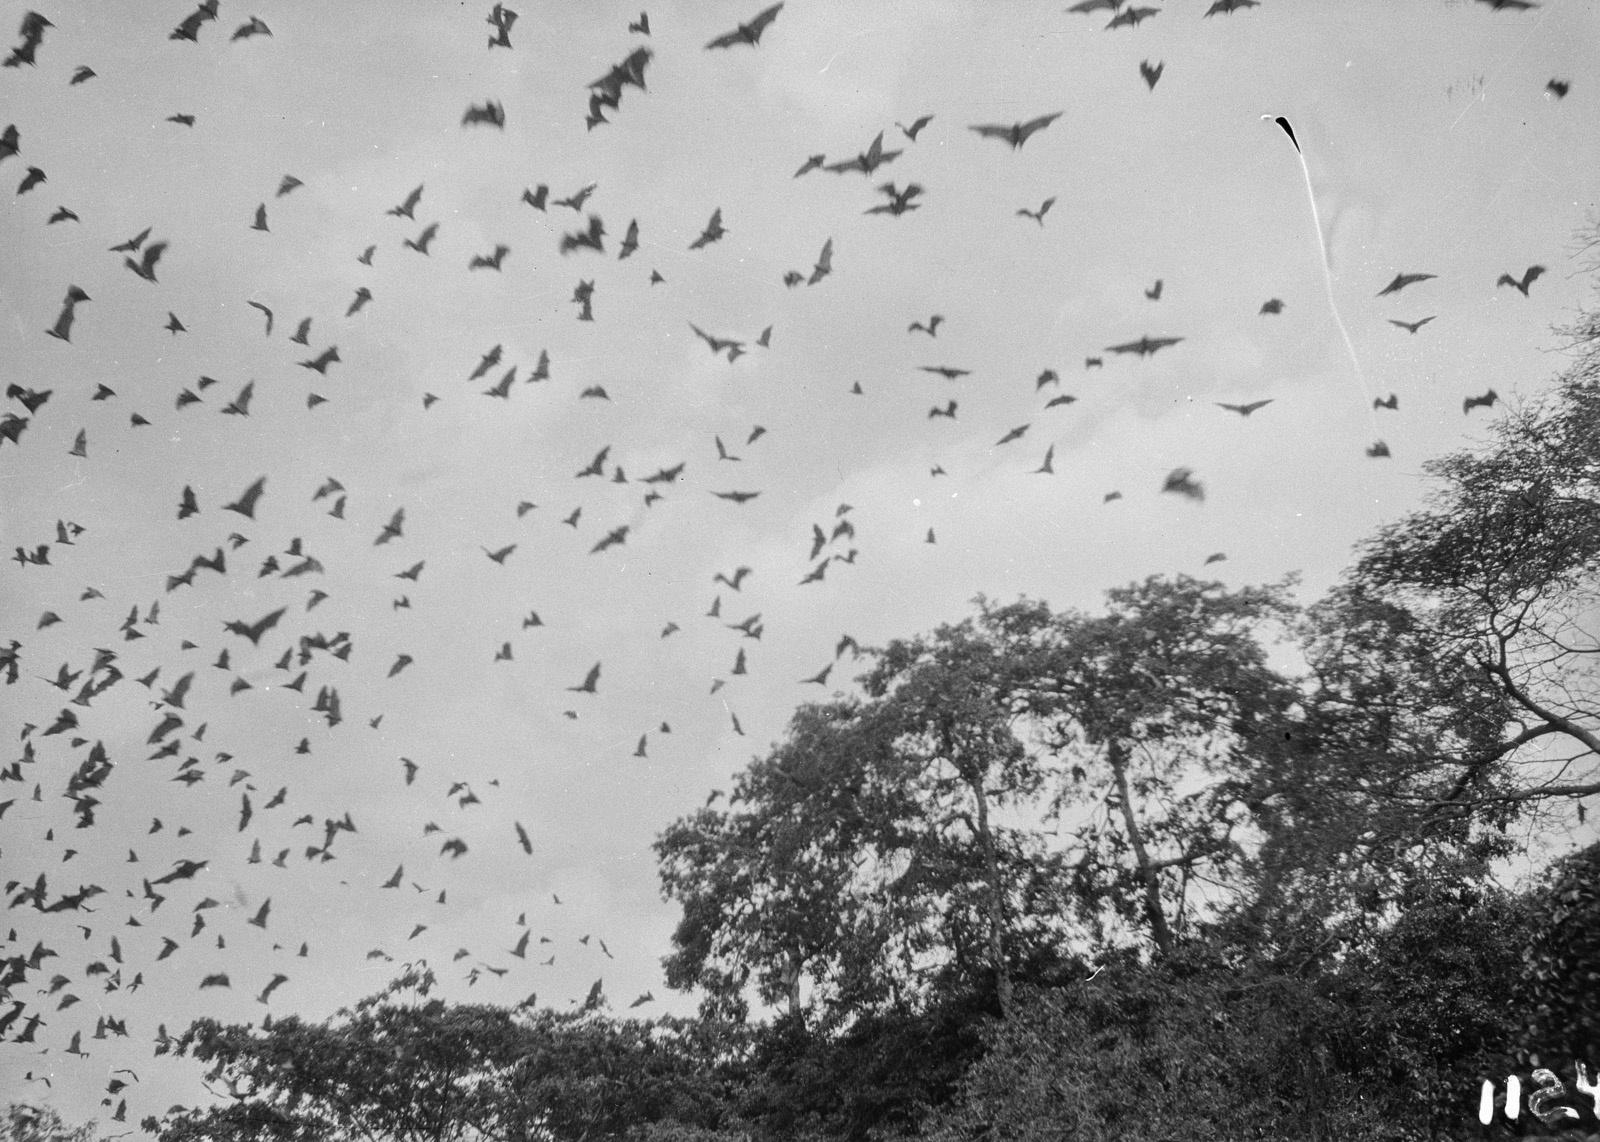 1124. Лундази. верхушка дерева с летающими фруктовыми летучими мышами